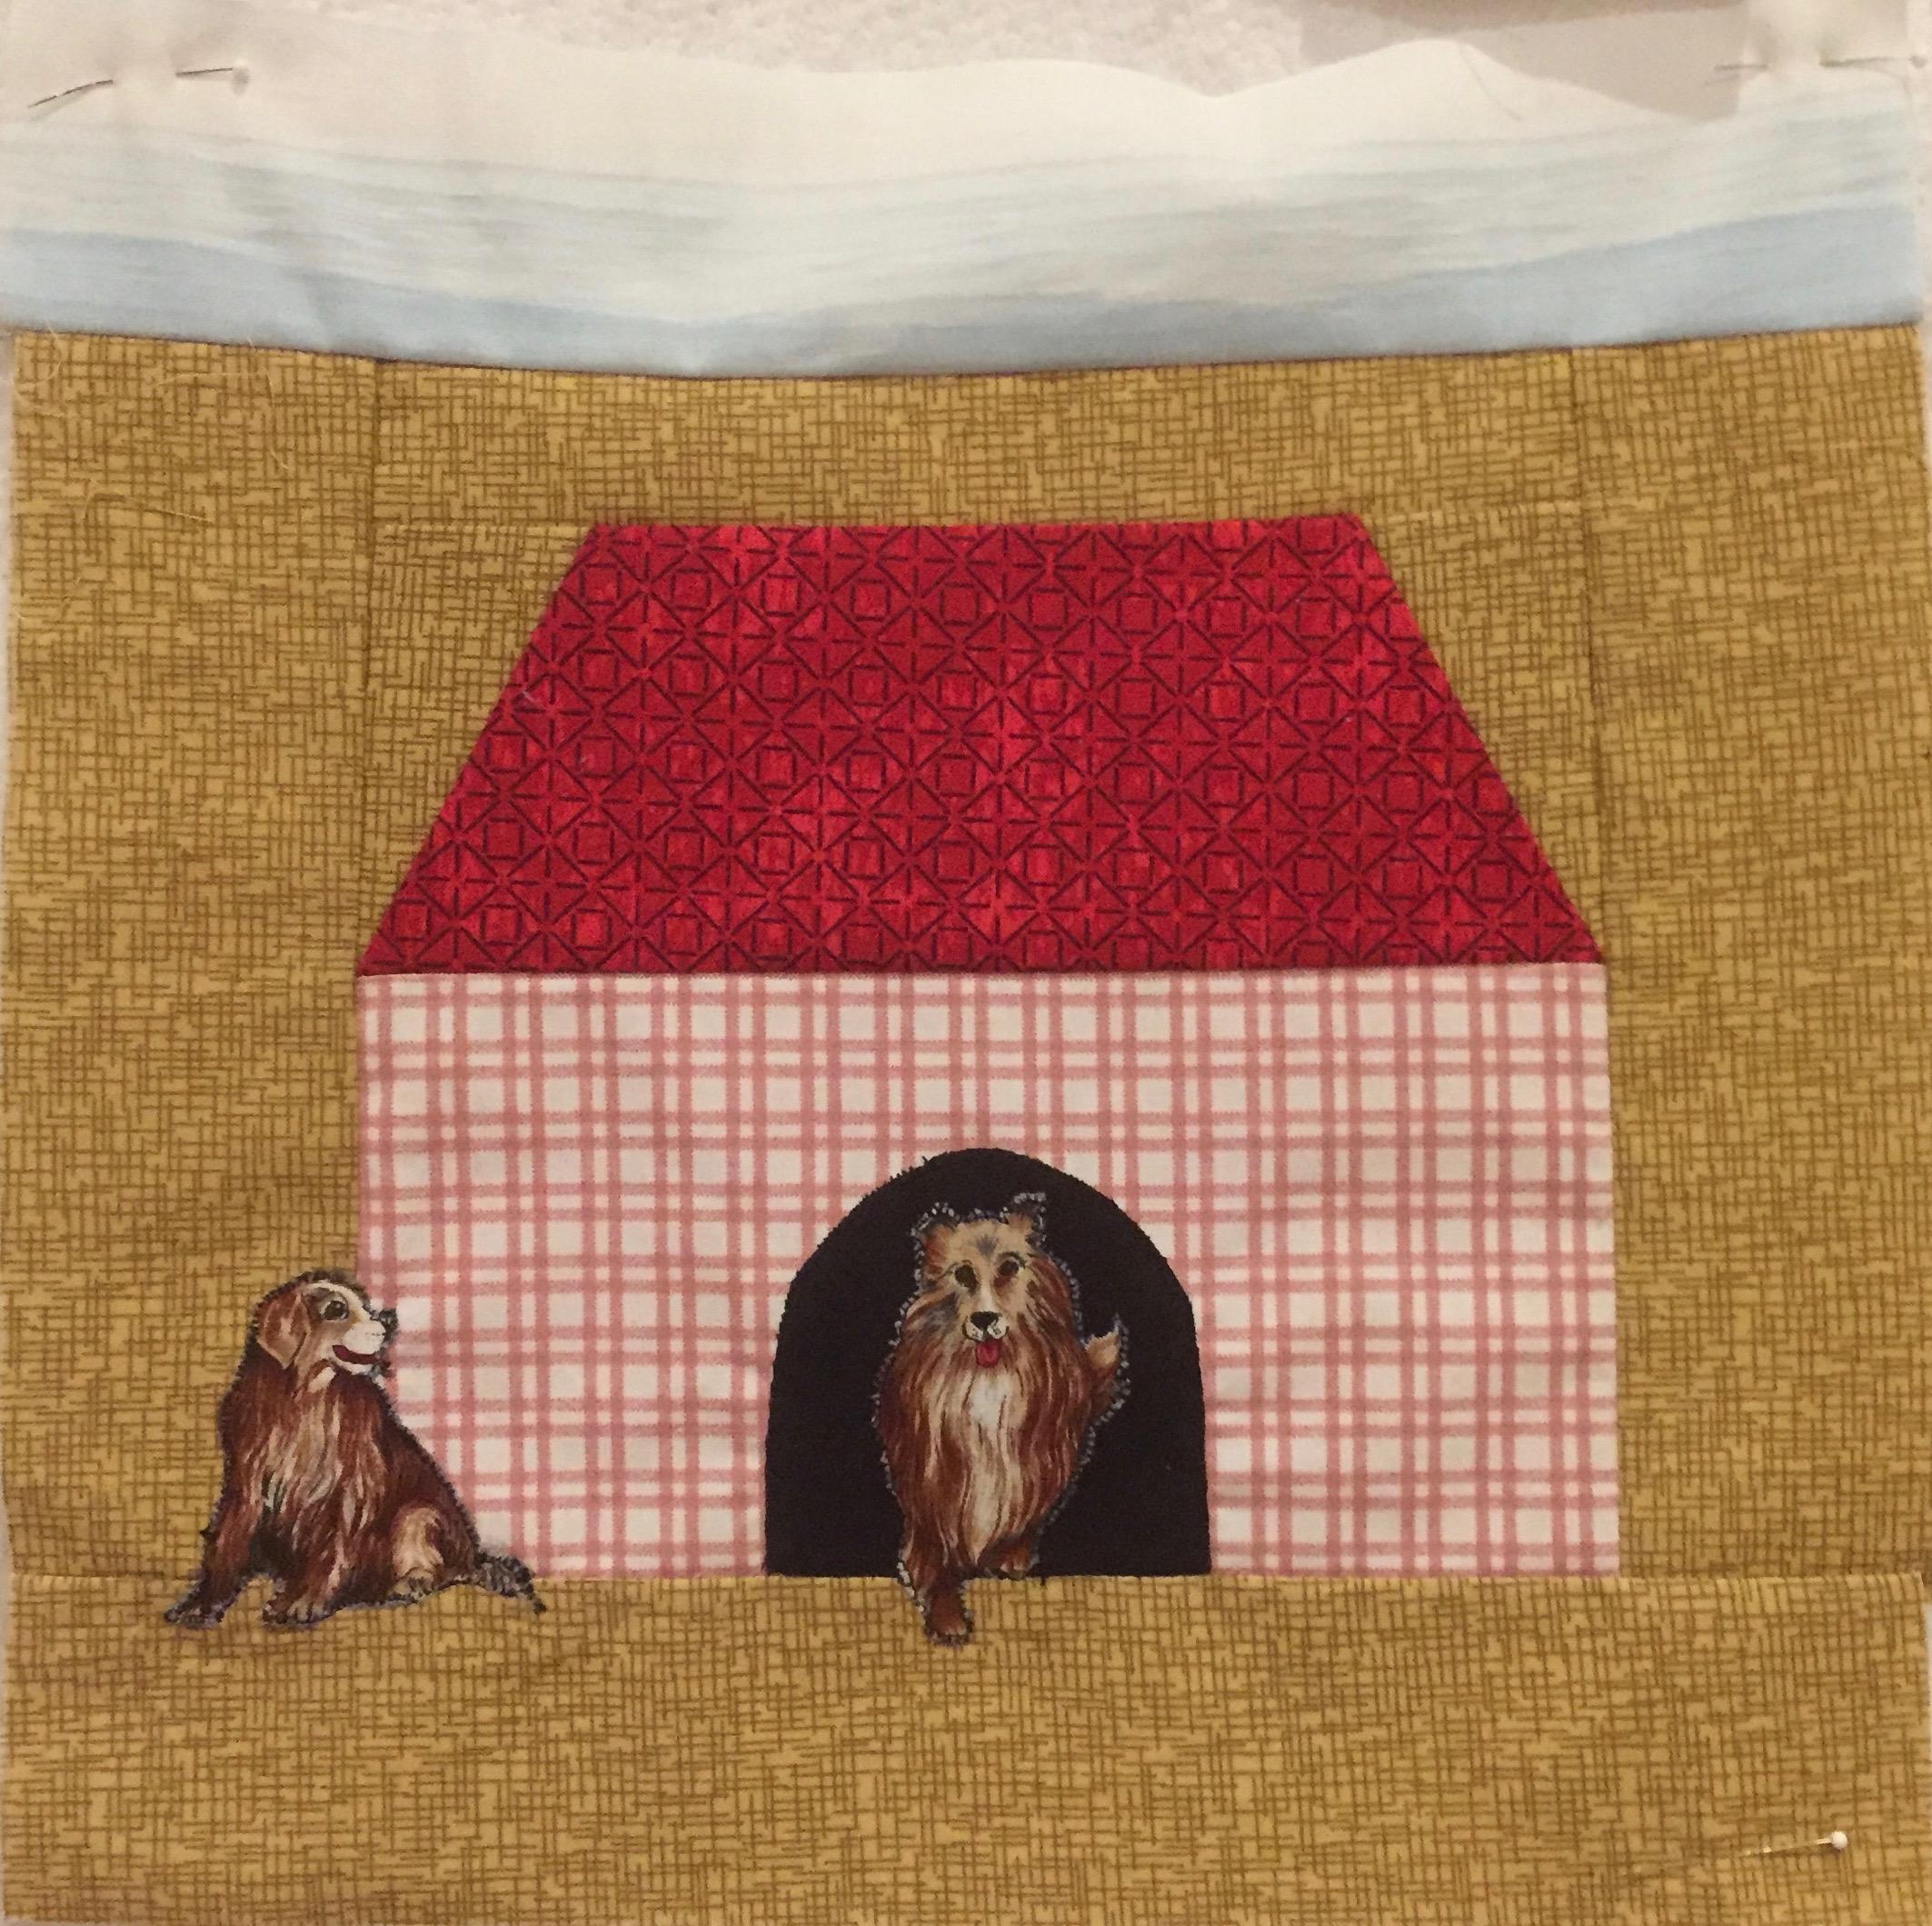 Dog House M Ettl.jpg